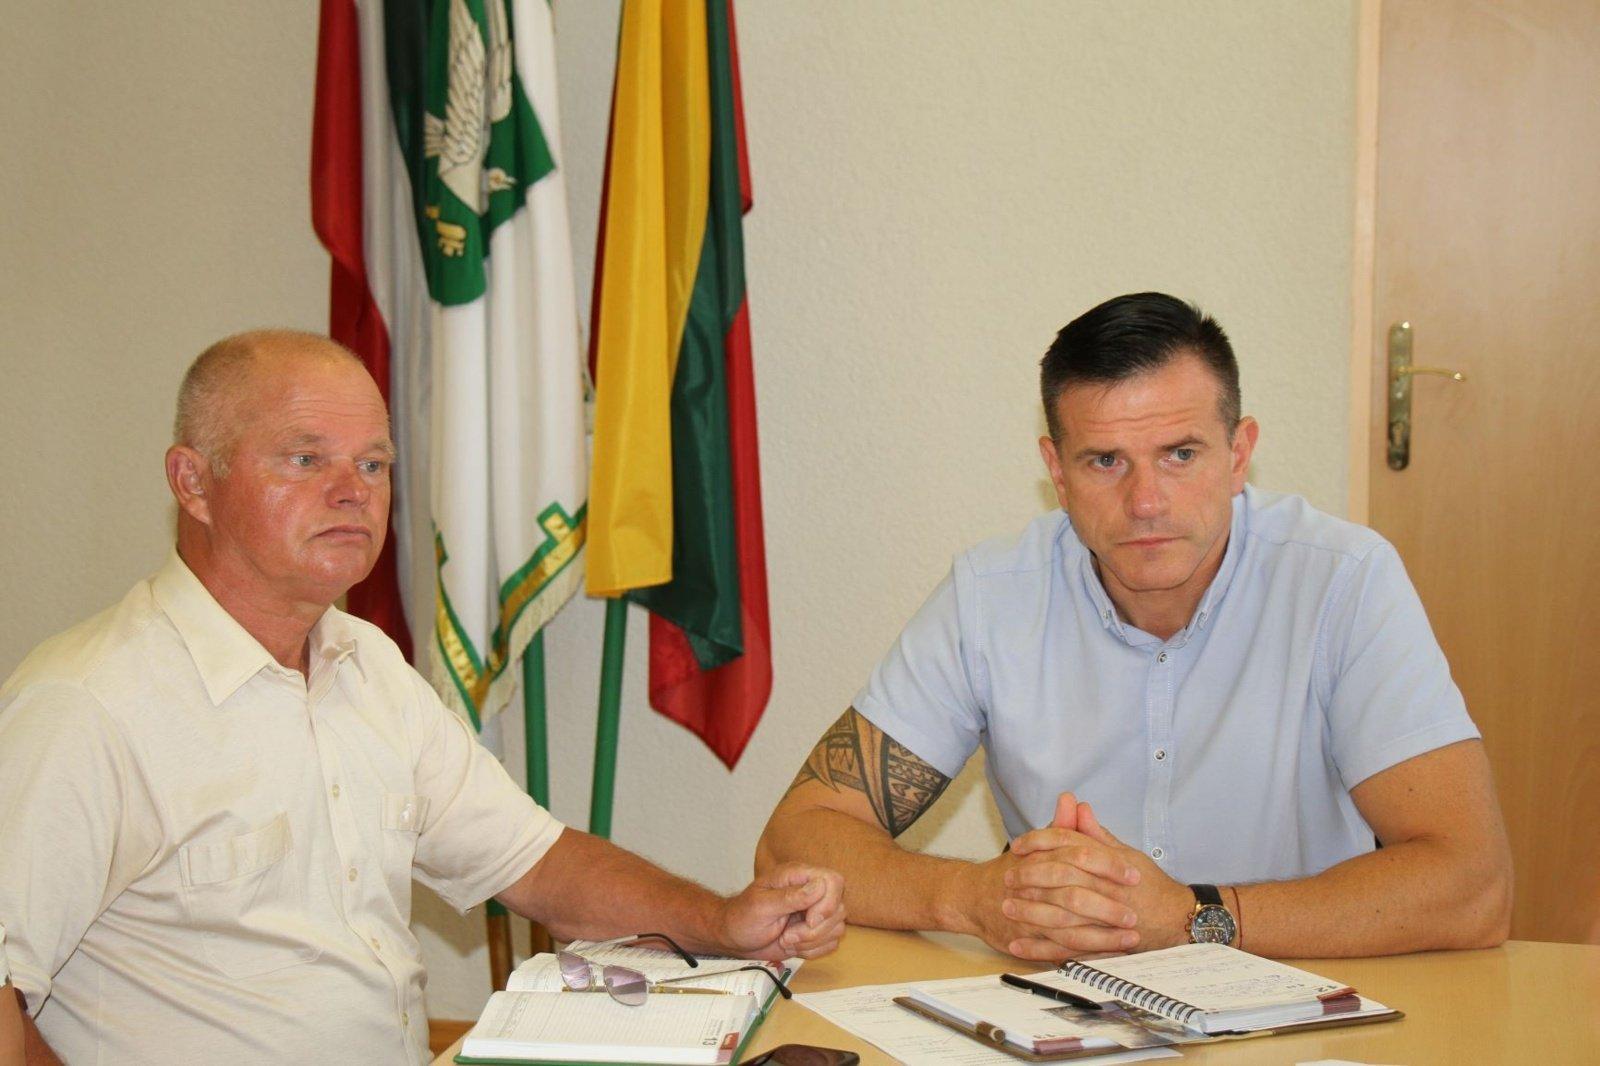 Aptarta Savivaldybės kultūros įstaigų veikla